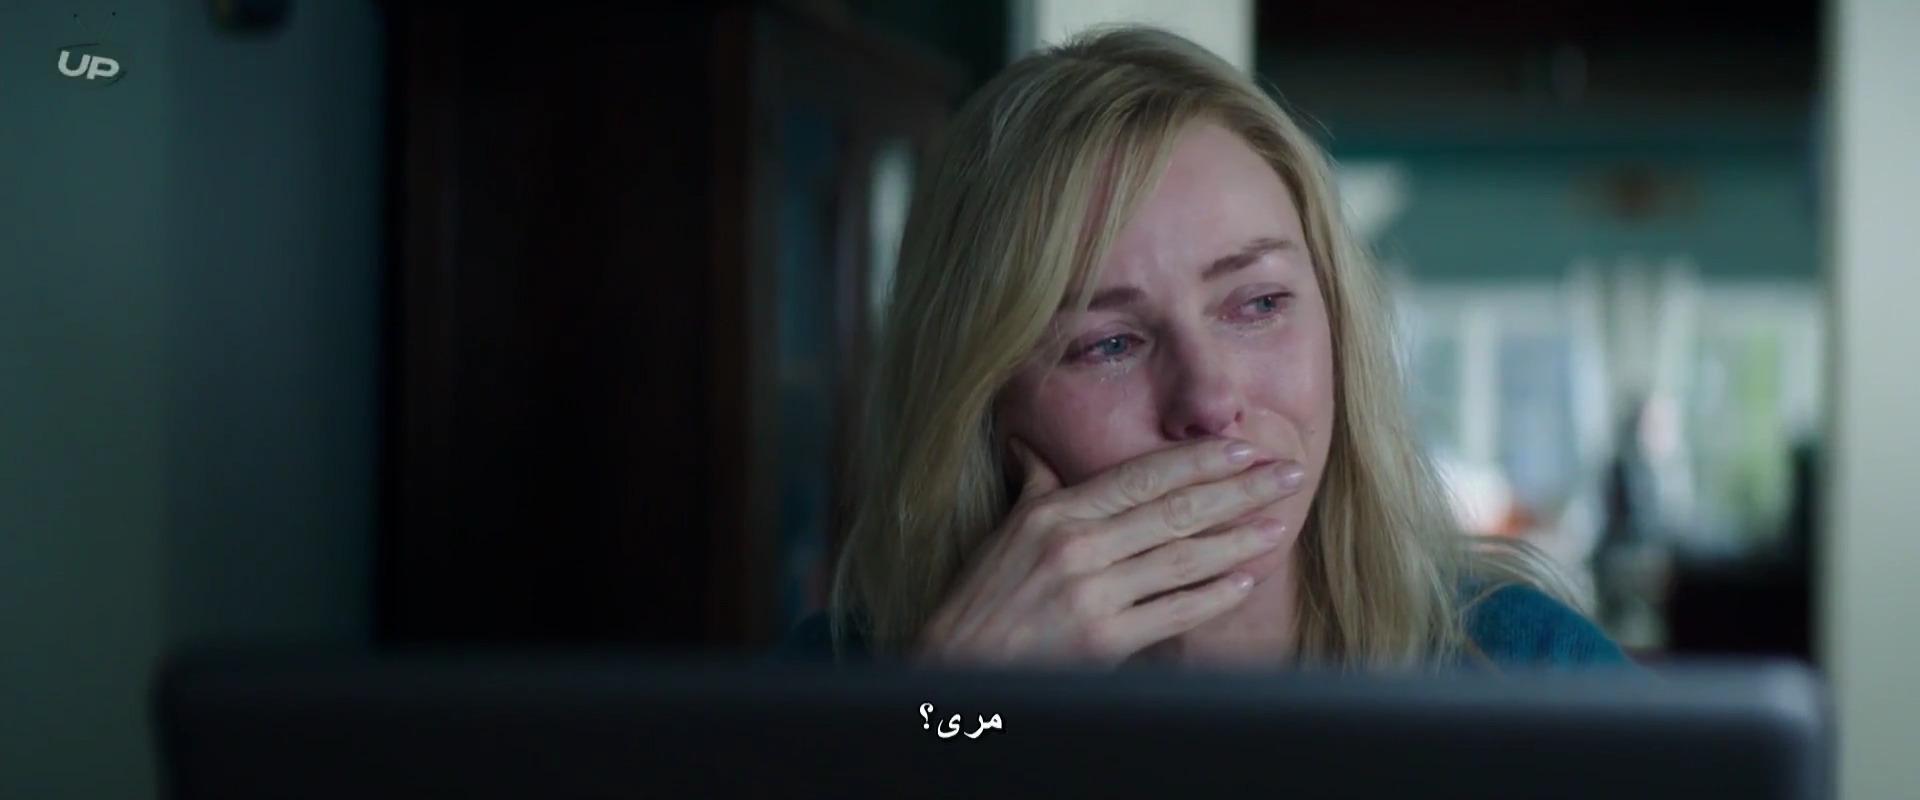 تماشای آنلاین فیلم Shut In 2016 بسته شده با زیرنویس فارسی